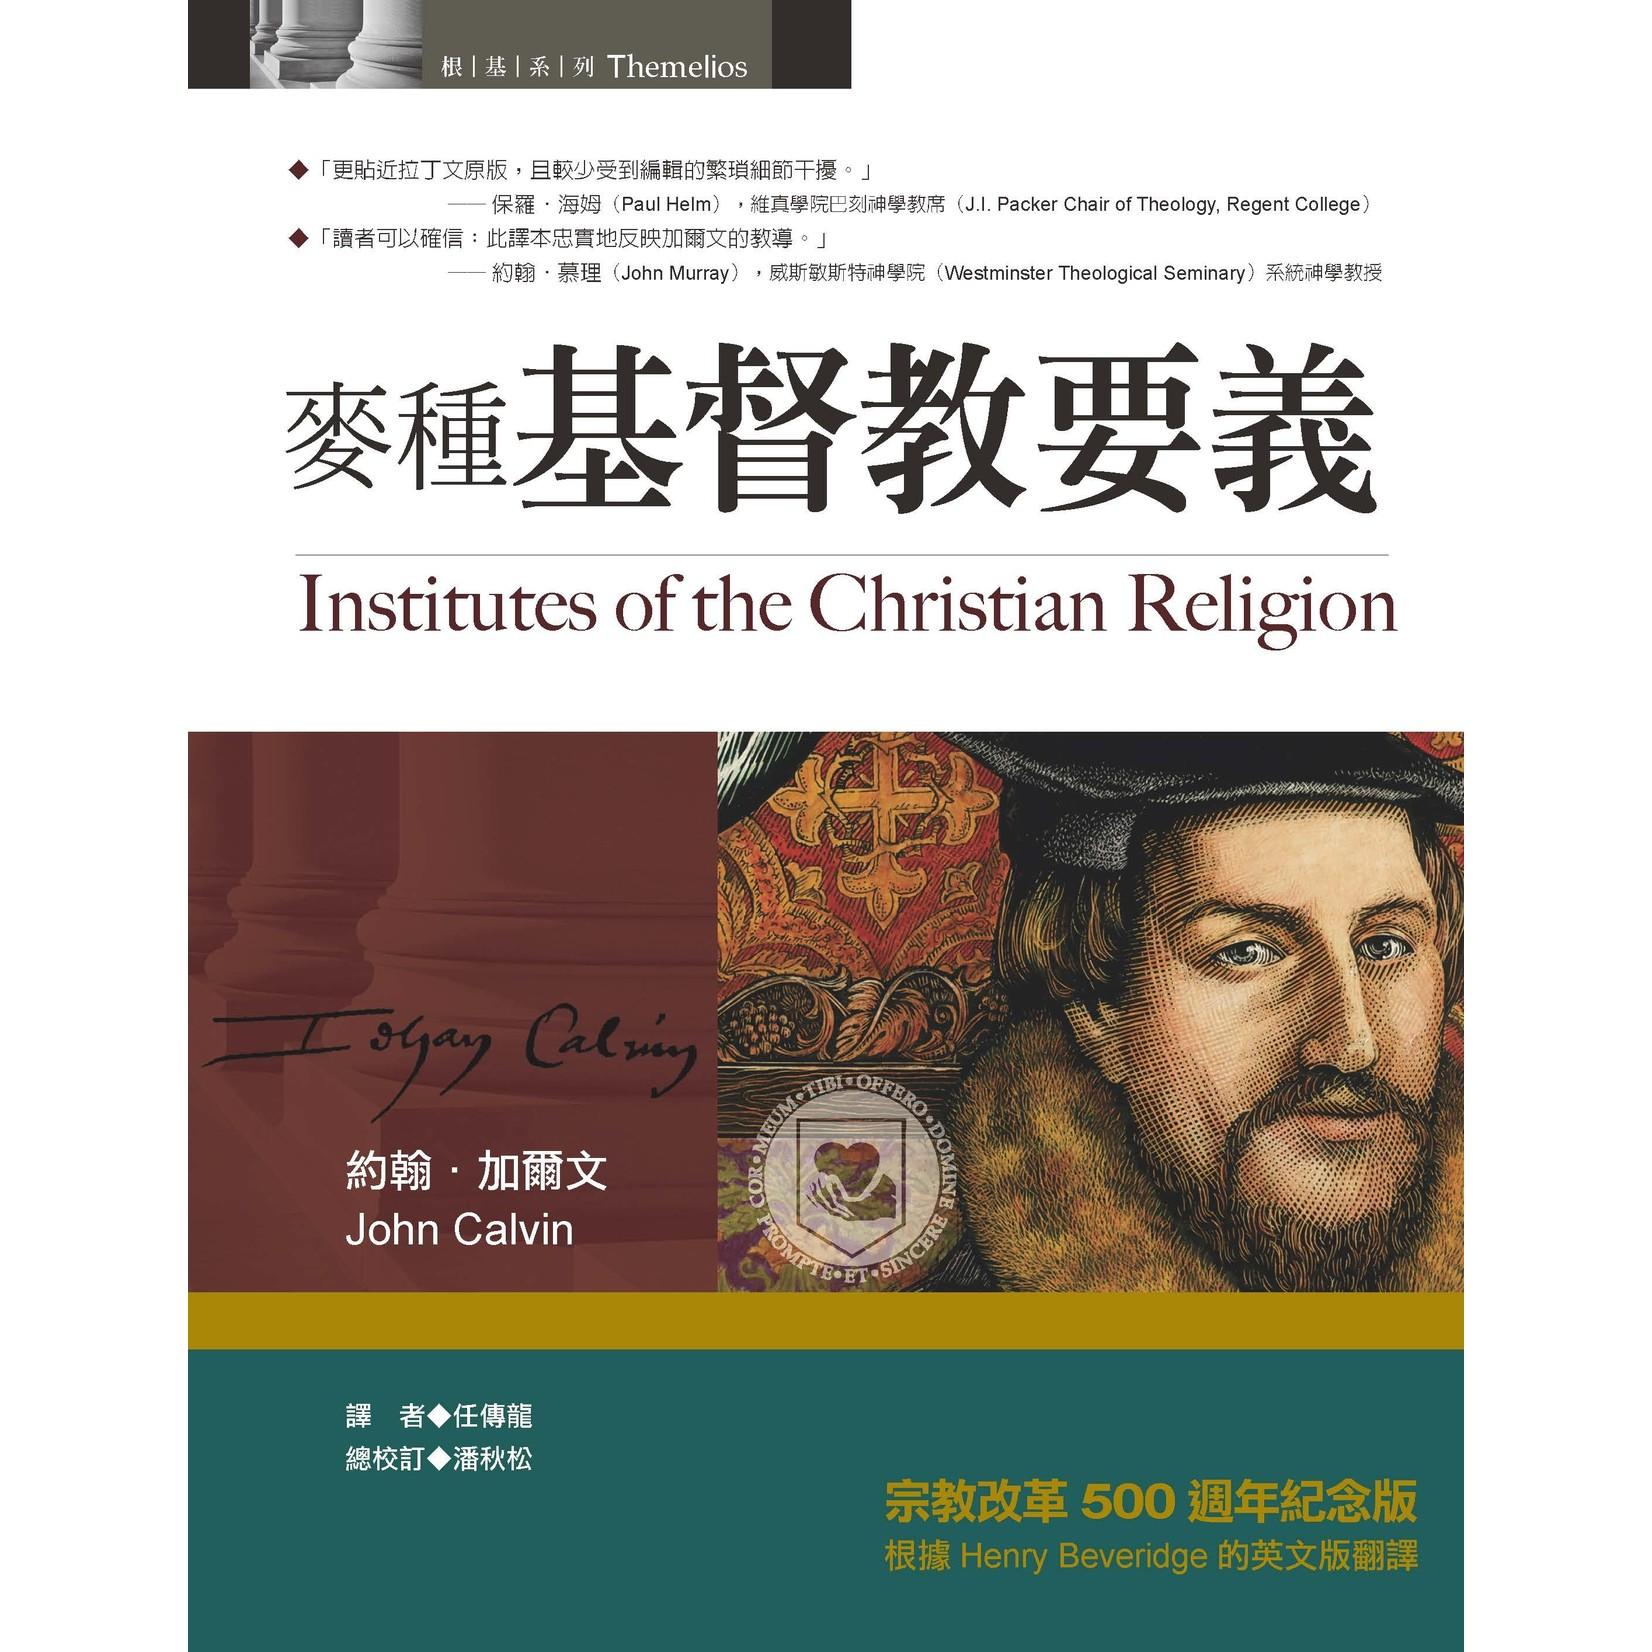 美國麥種傳道會 AKOWCM 麥種基督教要義 Institutes of the Christian Religion